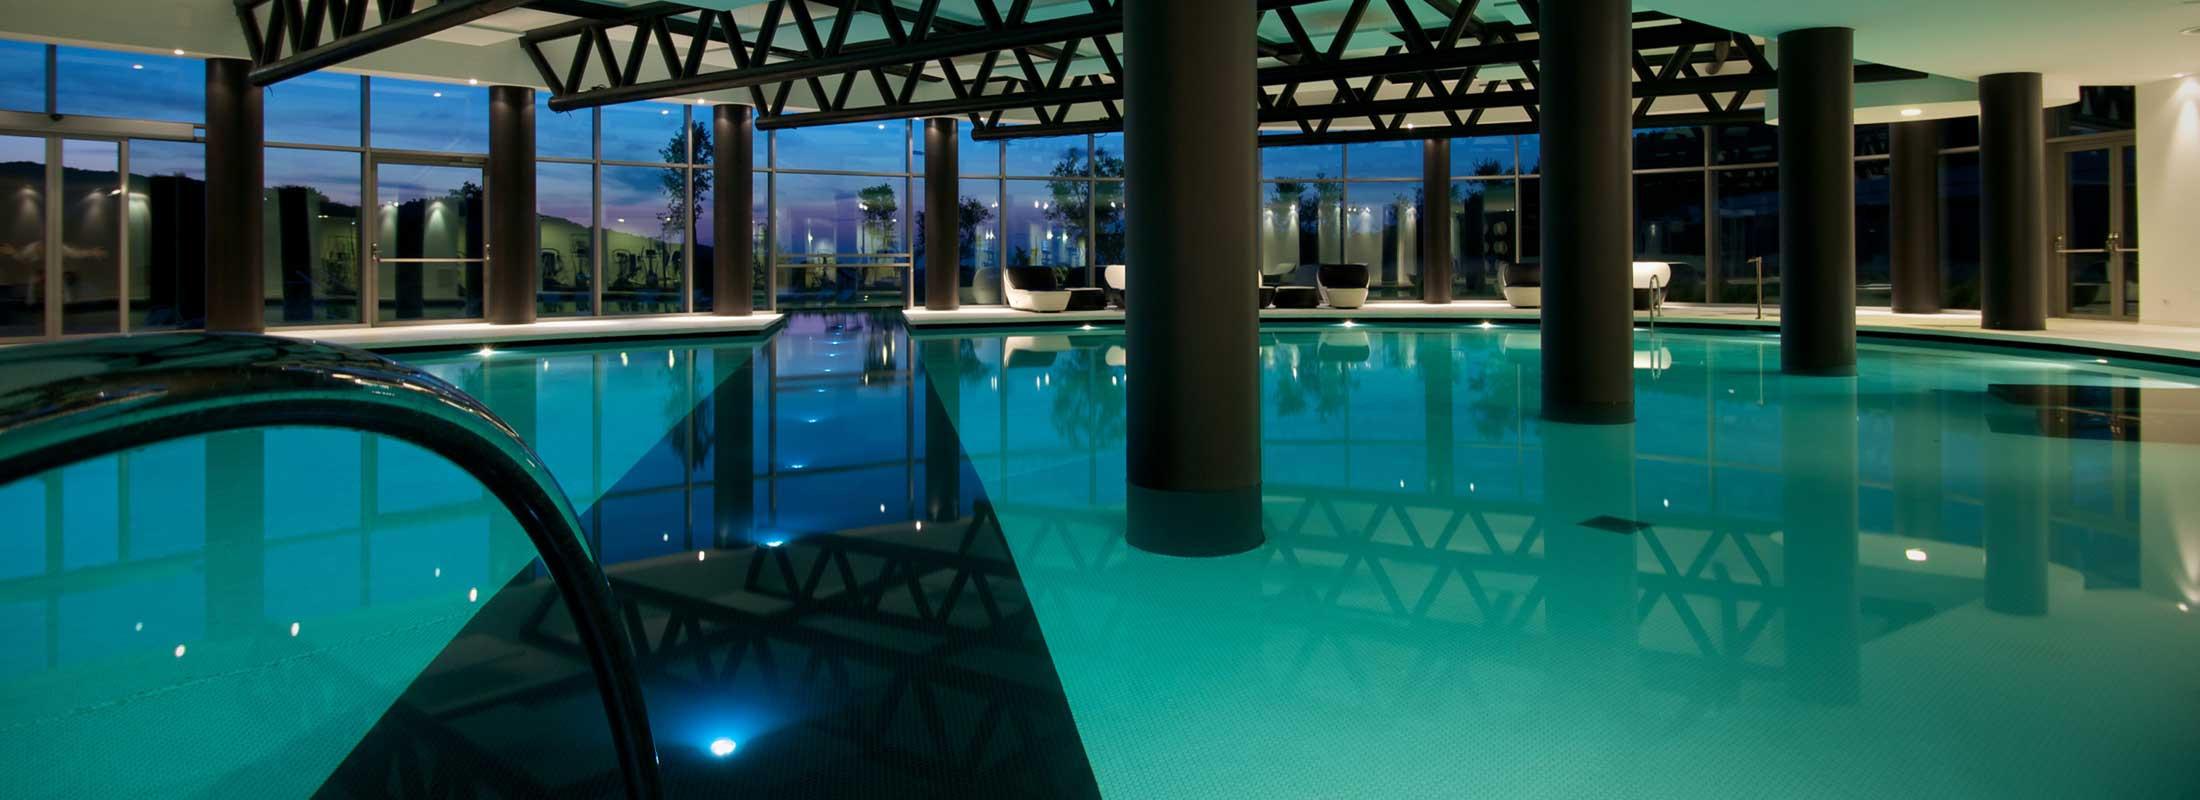 ESPACE Spa, Tucany Italy